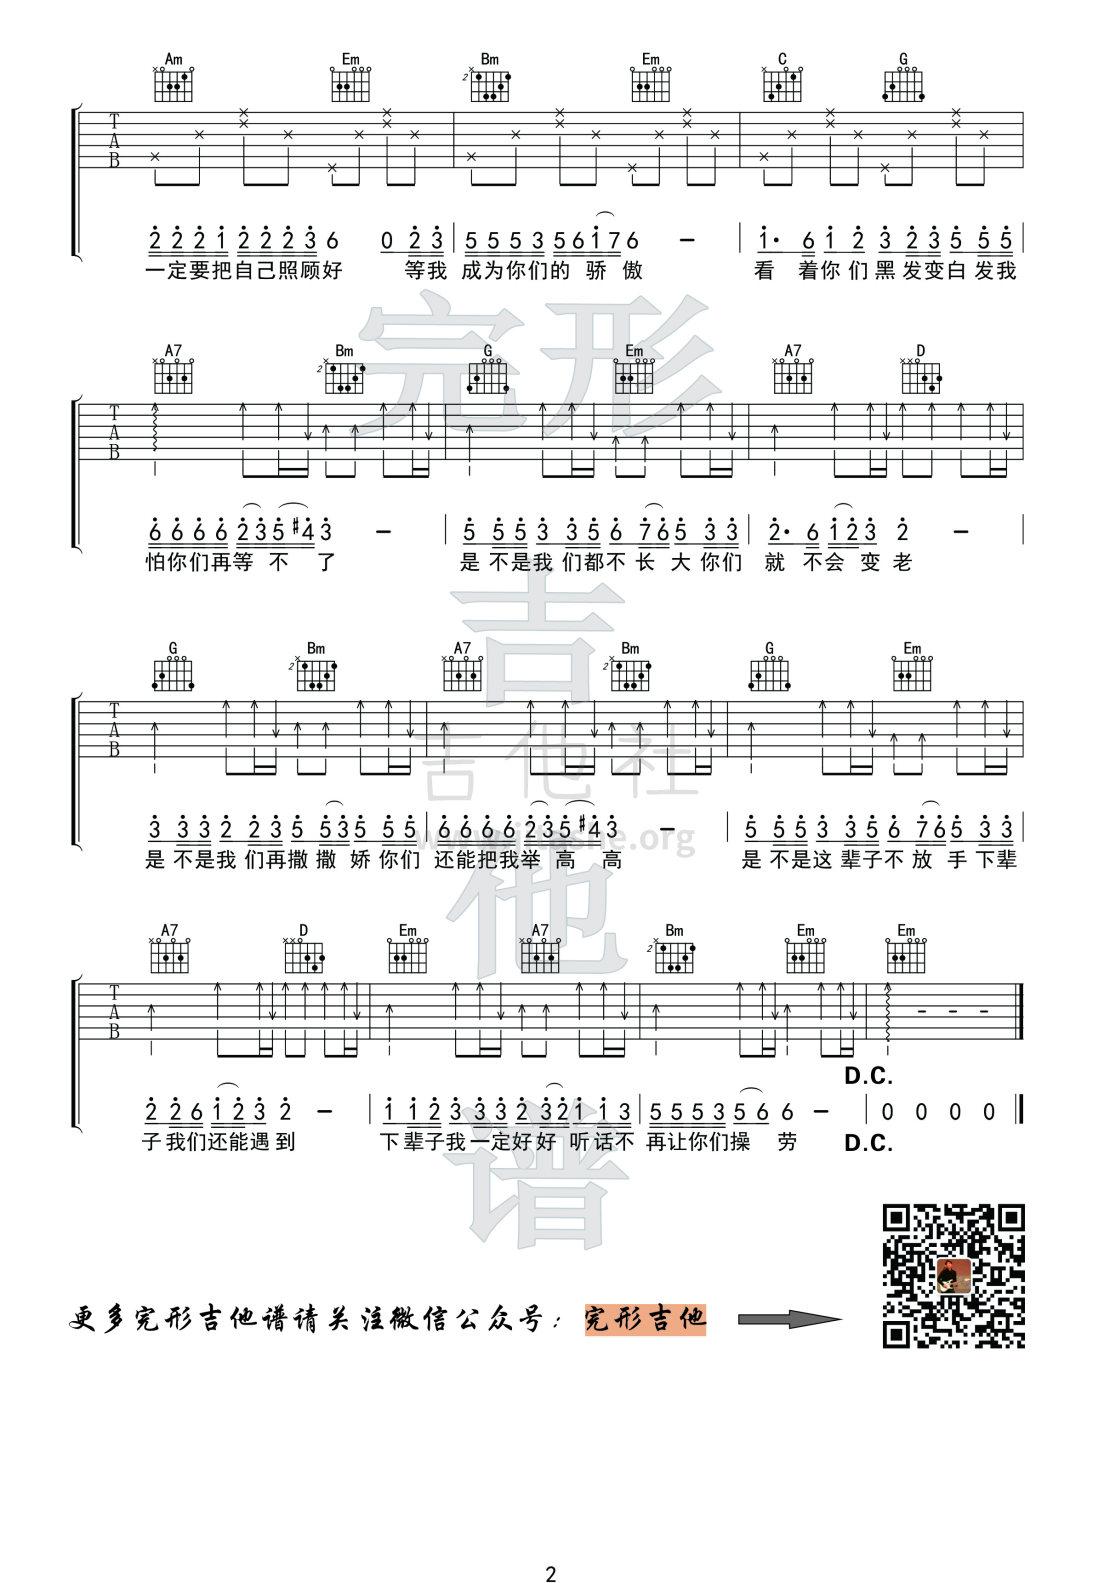 万爱千恩(完形吉他 吉他战狼出品)吉他谱(图片谱,弹唱)_王琪_2副本.jpg